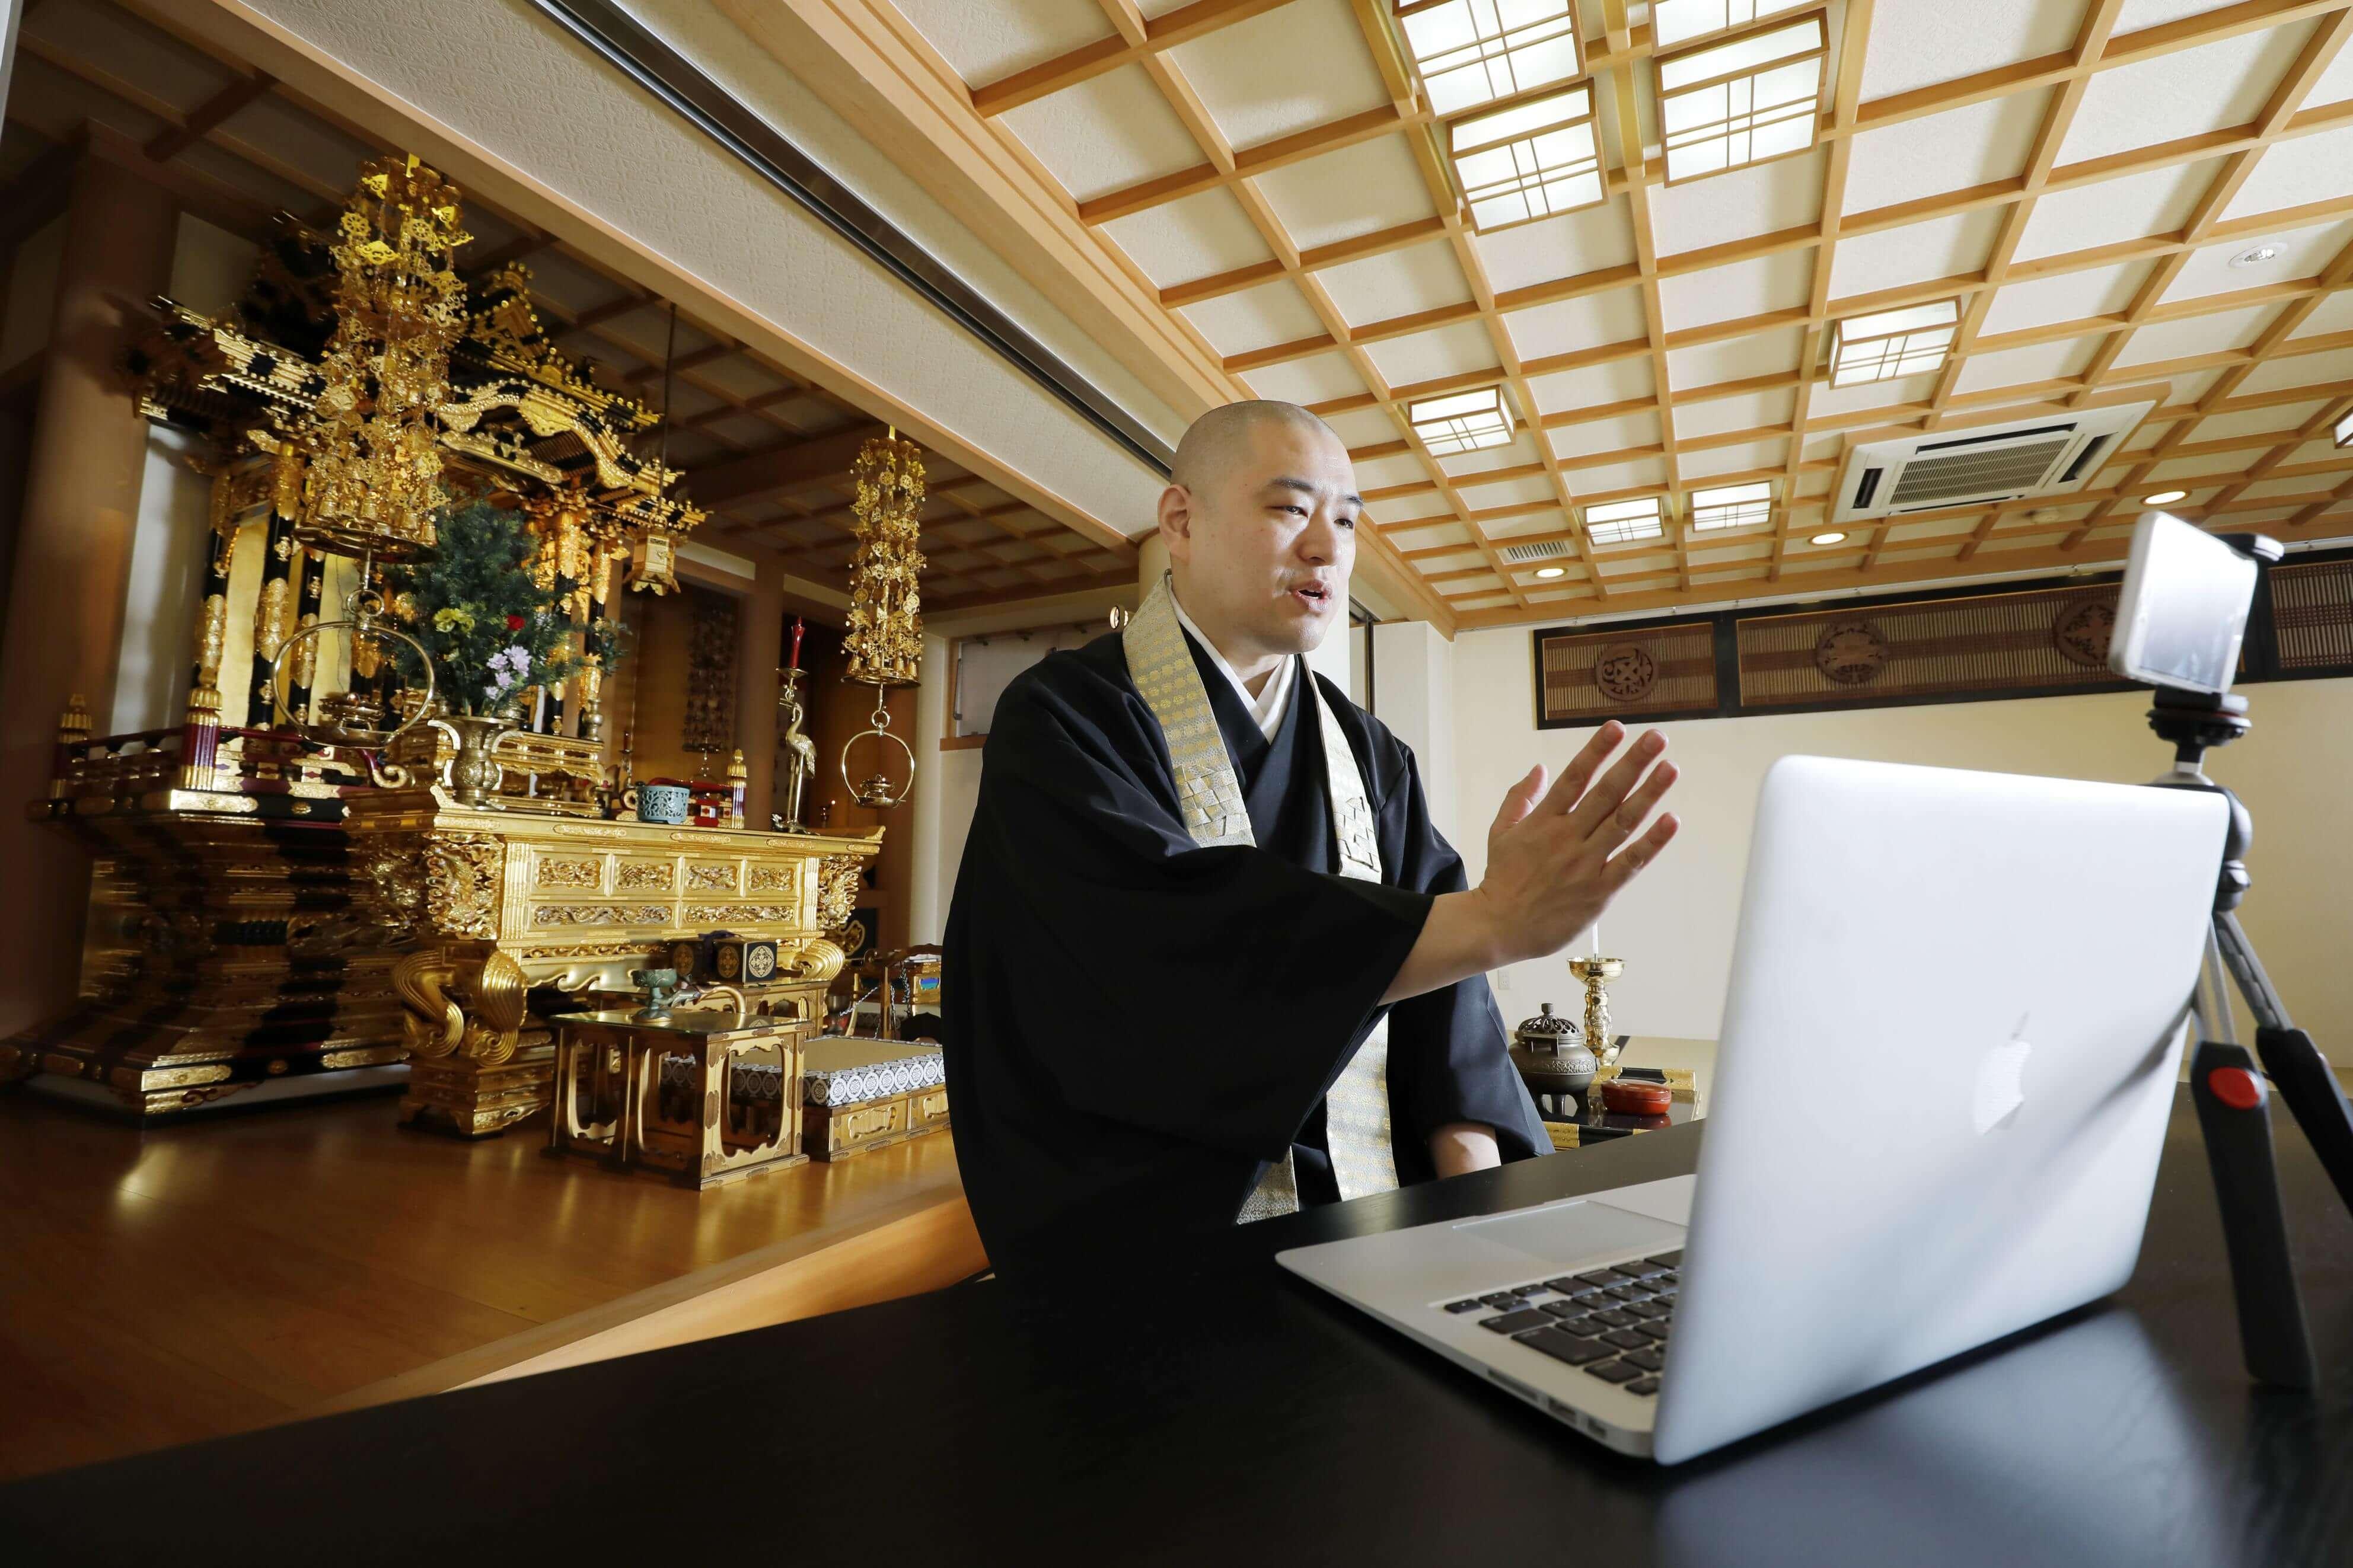 Buddhist Monk Online Meeting